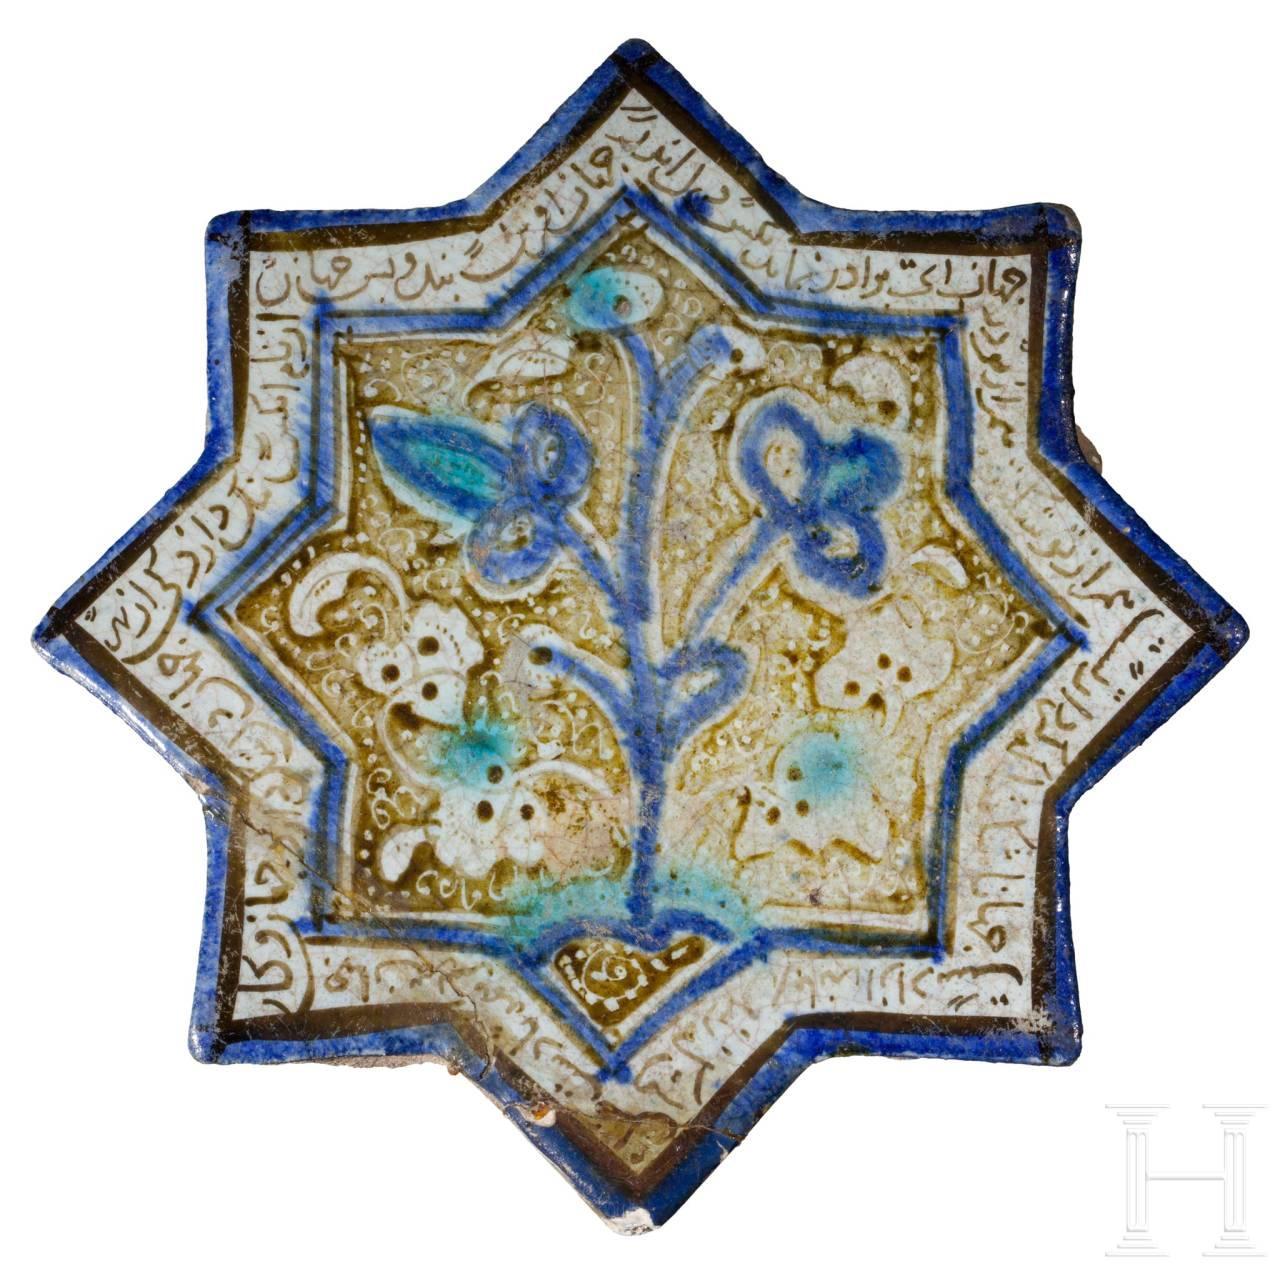 Sternfliese mit Lüsterdekor und blauer Inglasurmalerei, Kashan, Iran, 12. - 13. Jhdt